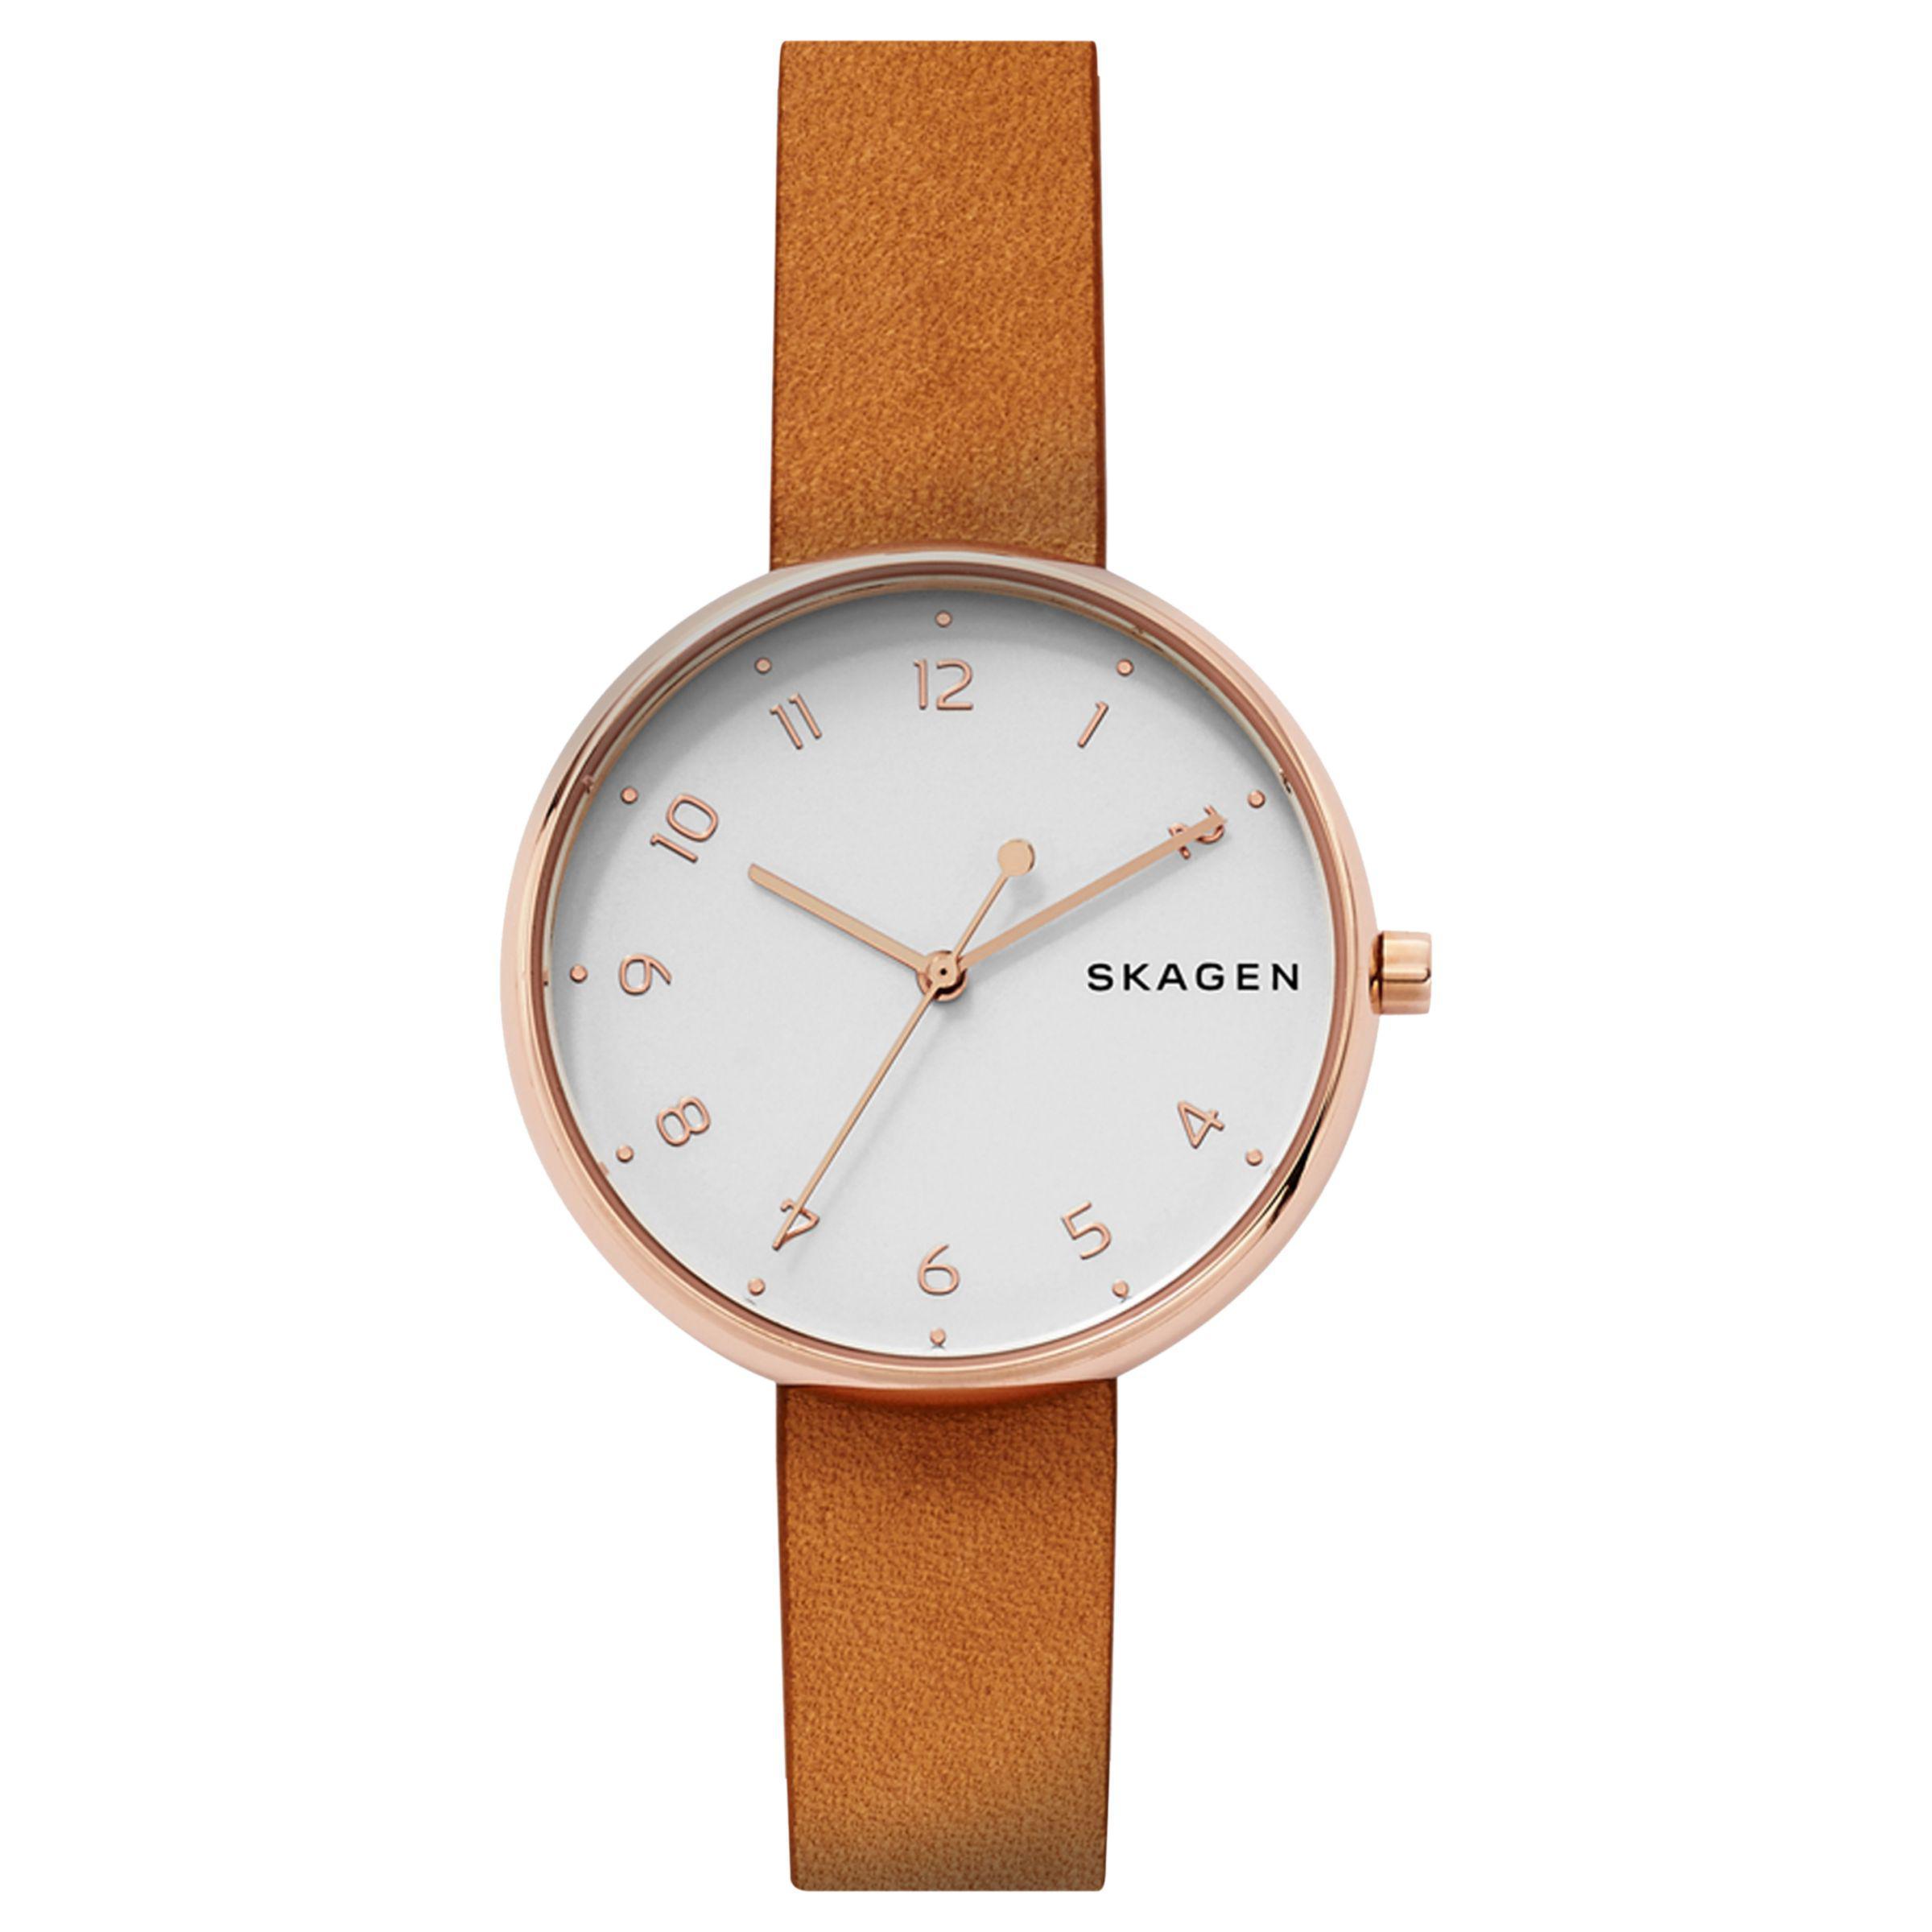 2f296a88b Skagen Men's Signatur Slim Leather Strap Watch in White - Lyst